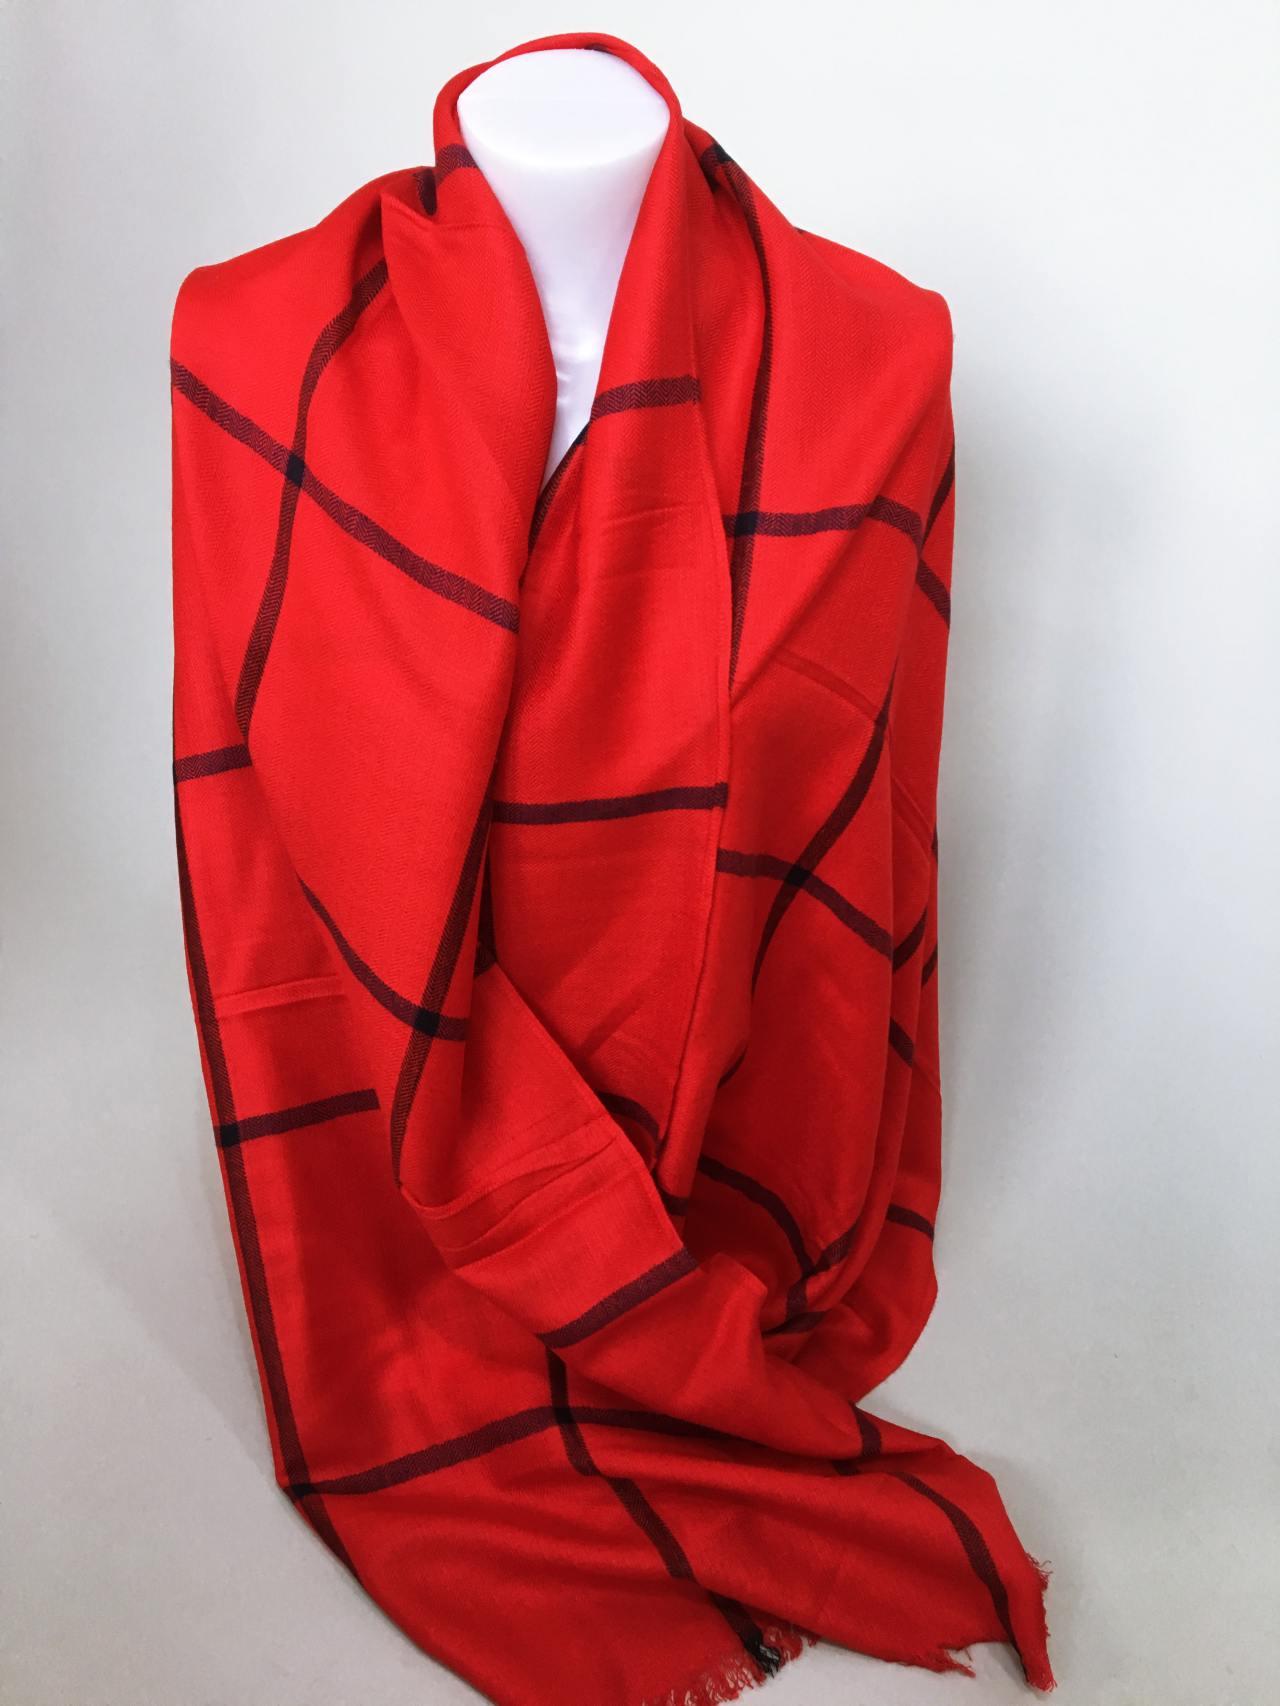 Károvaný šátek červený 03